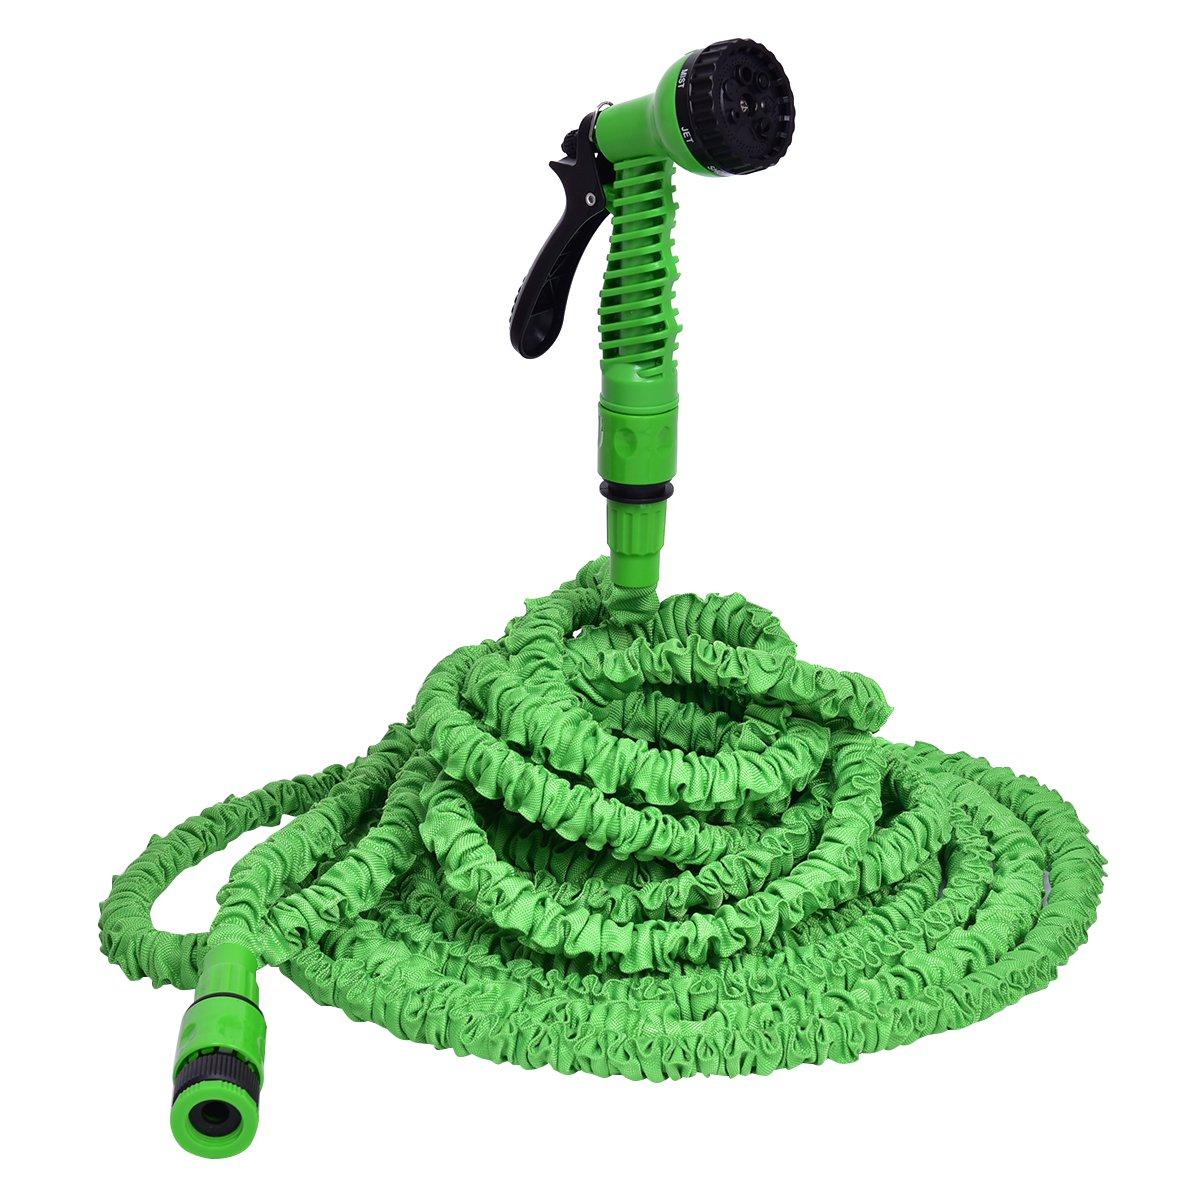 Casart Manguera - Manguera de jardín al aire libre, verde ...